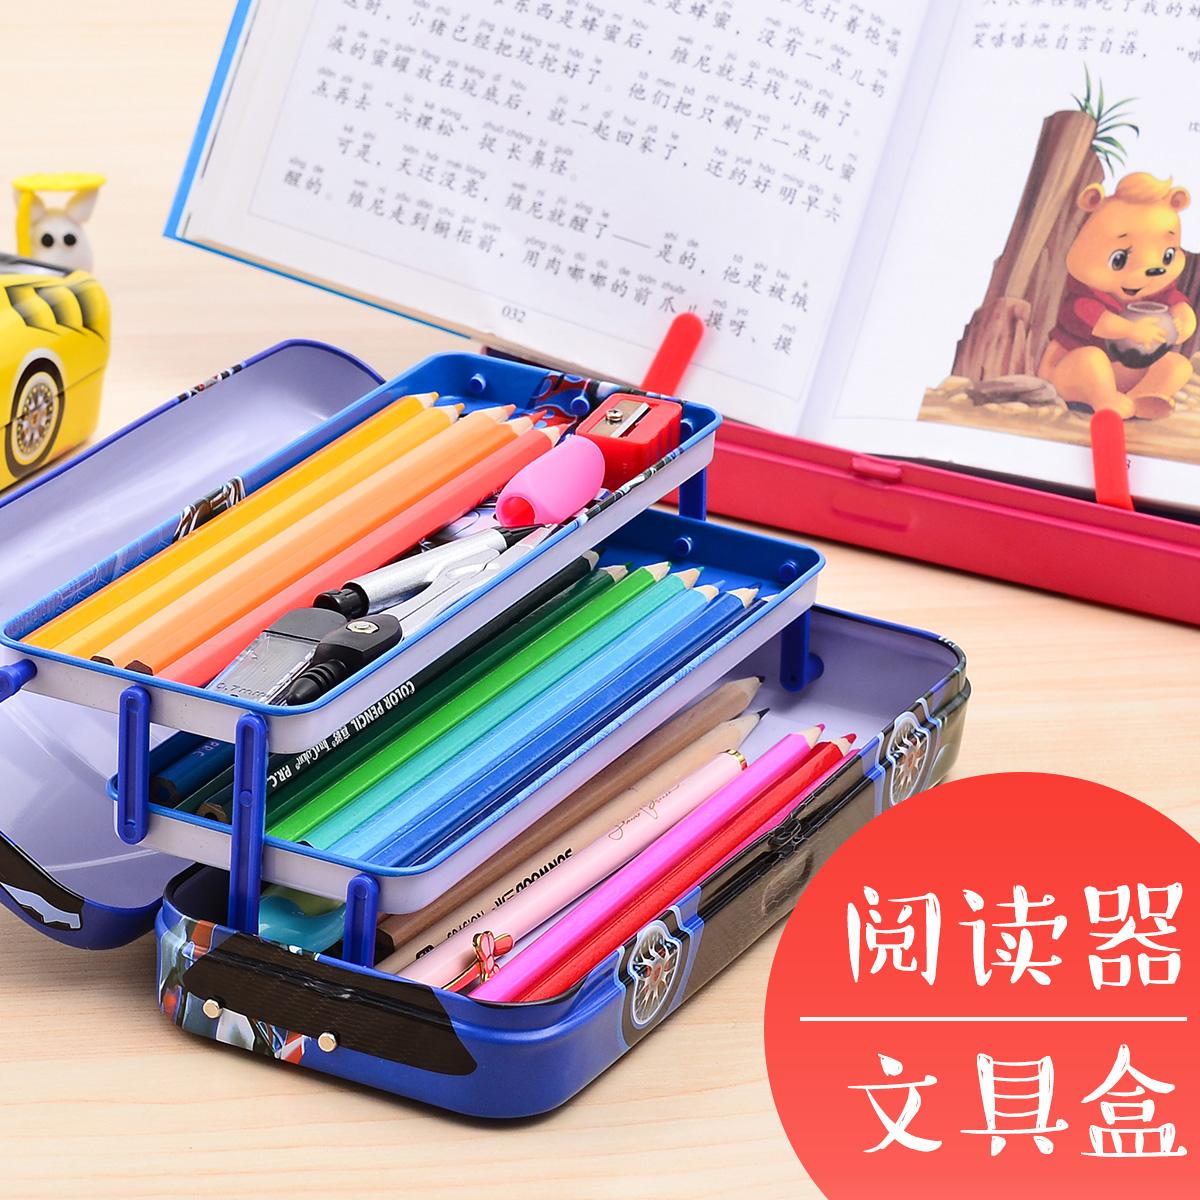 迪士尼变形金刚男小学生可爱文具盒10月18日最新优惠